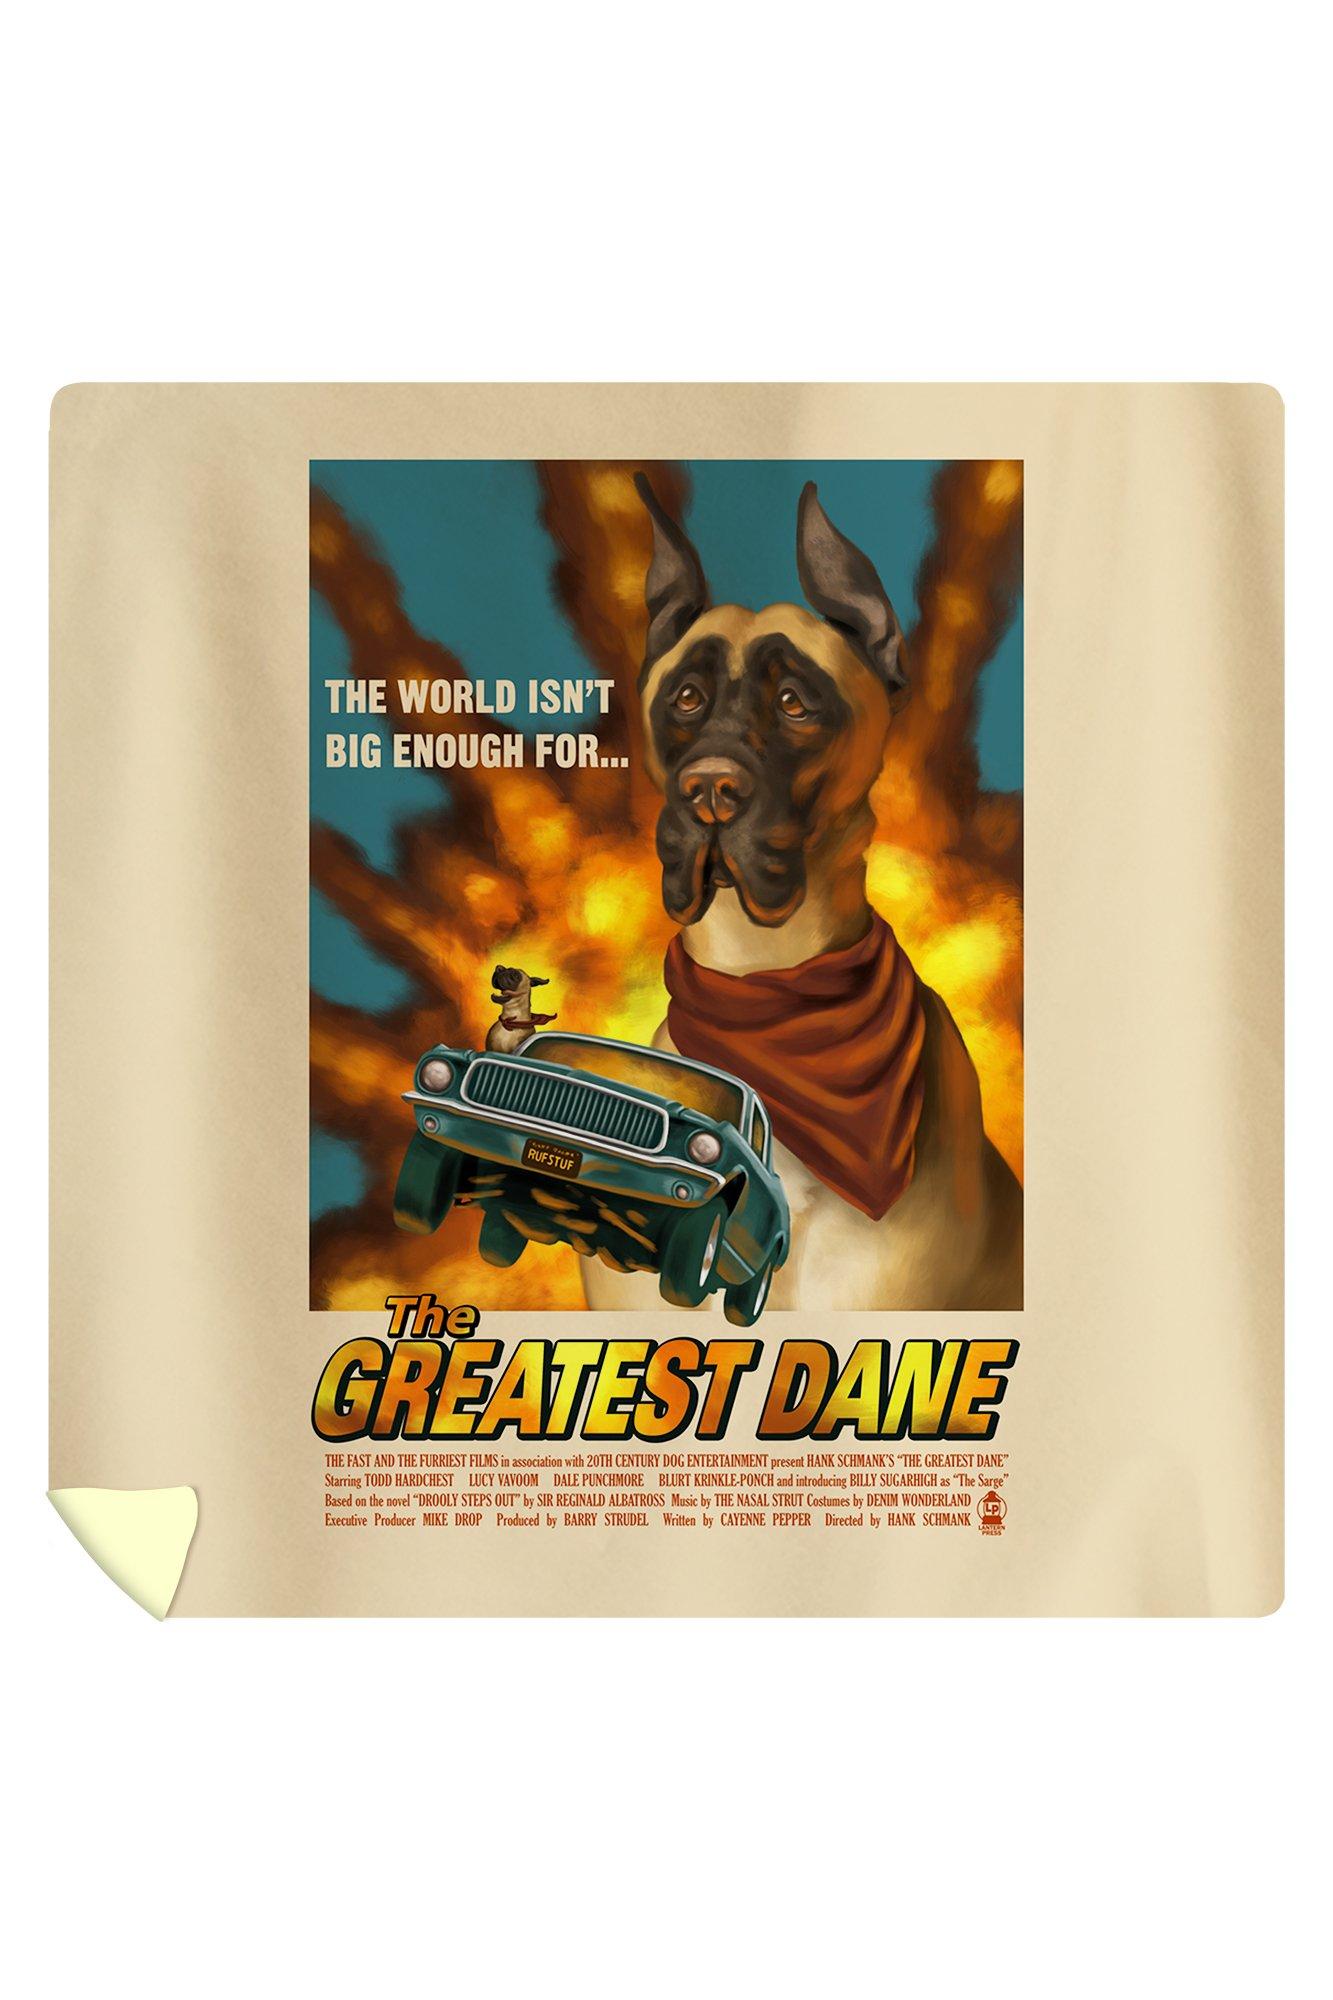 Great Dane - Retro Movie Ad (88x88 Queen Microfiber Duvet Cover)